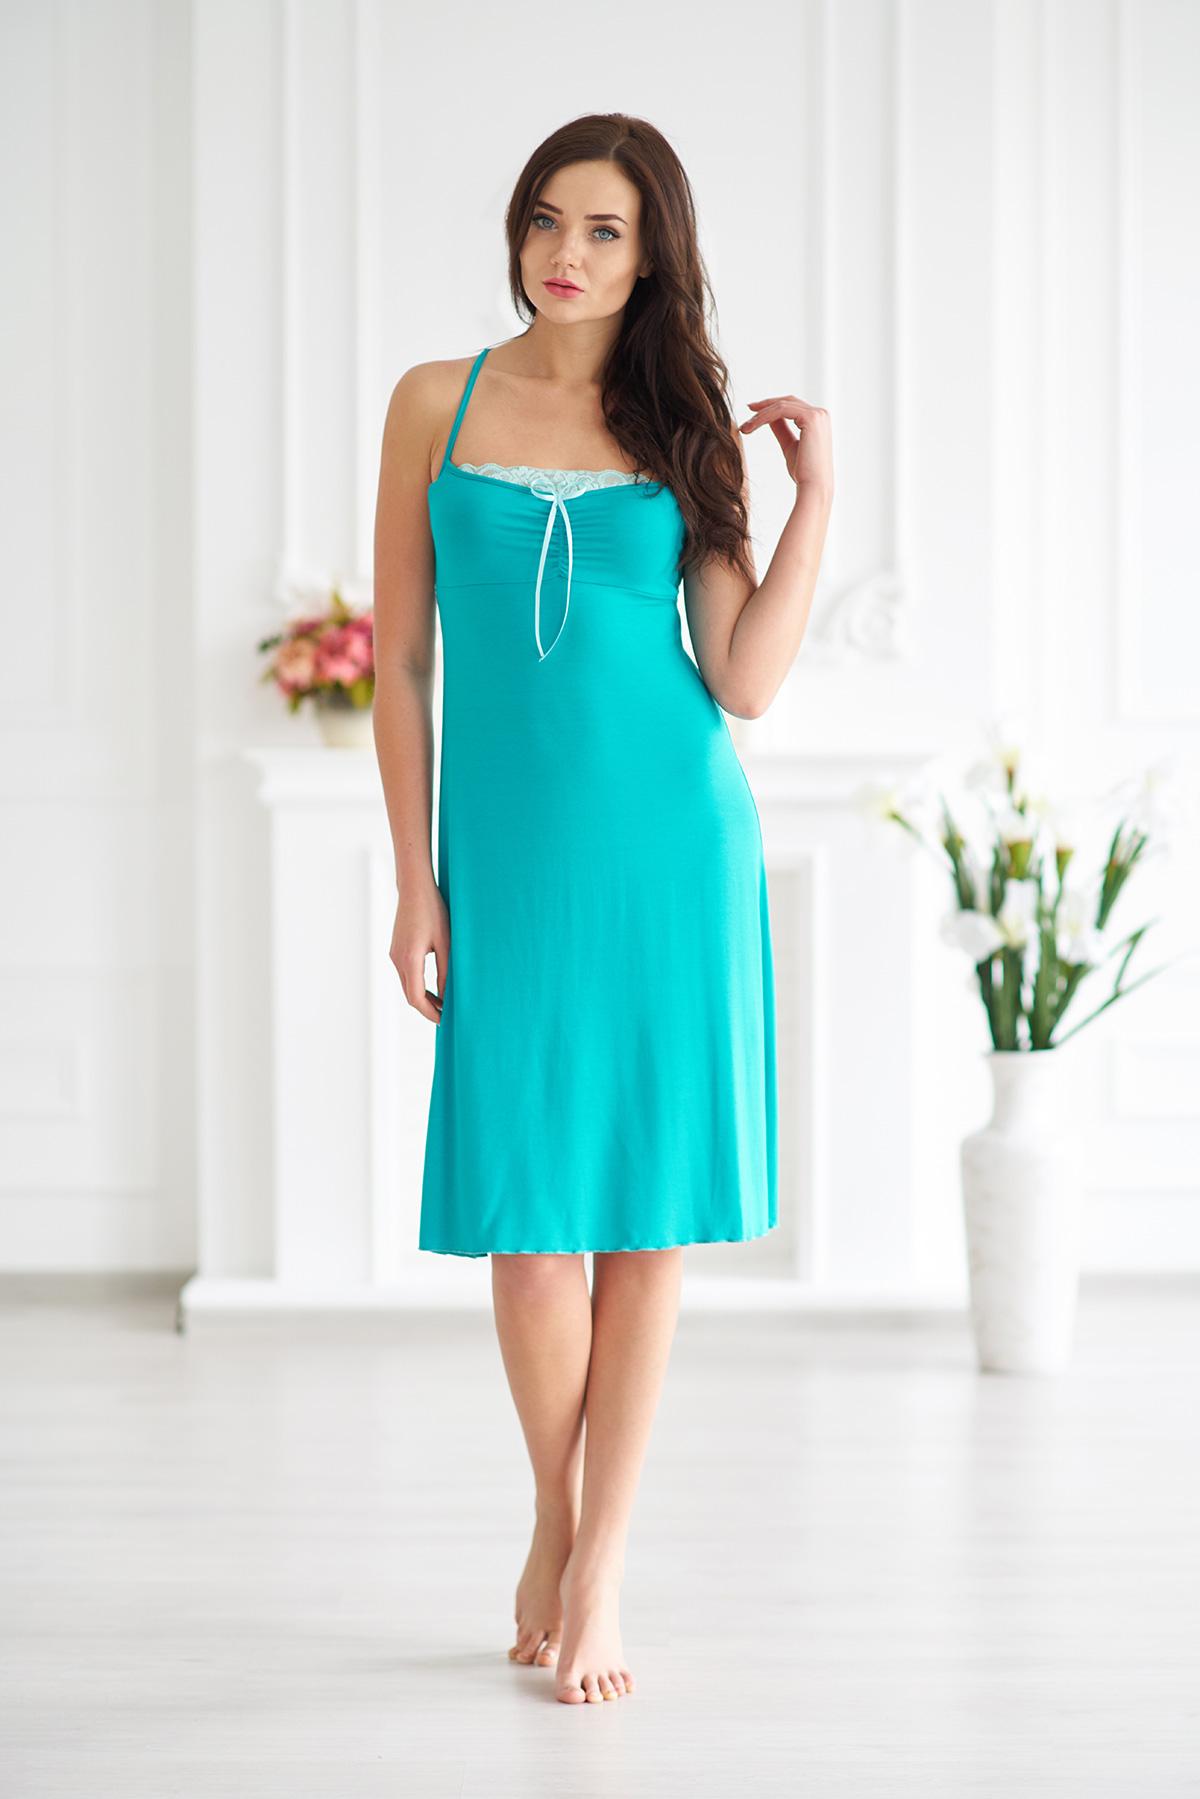 Жен. сорочка арт. 19-0019 Изумрудный р. 44Ночные сорочки<br>Факт. ОГ: 64 см <br>Факт. ОТ: 84 см <br>Факт. ОБ: 104 см <br>Длина по спинке: 78 см<br><br>Тип: Жен. сорочка<br>Размер: 44<br>Материал: Вискоза